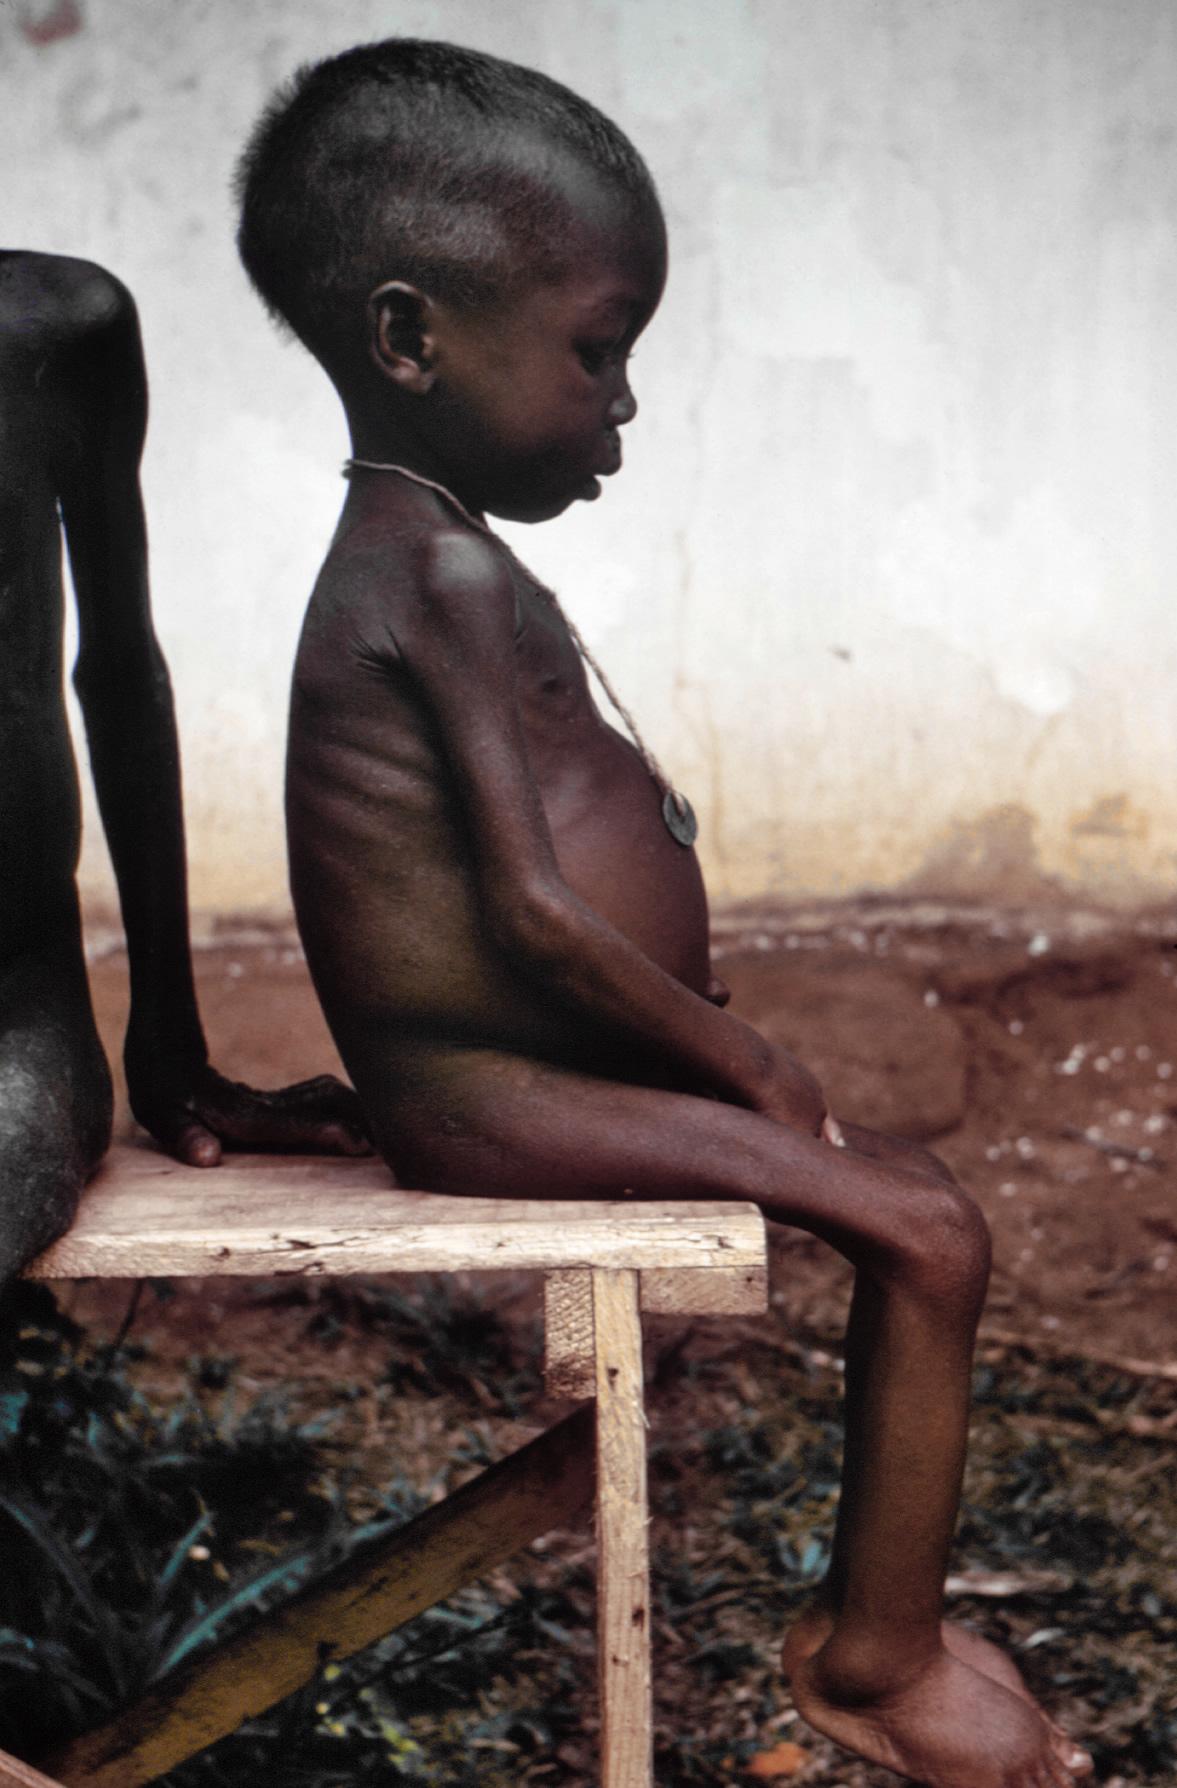 Image: Public Domain Image from  https://en.wikipedia.org/wiki/Starvation#/media/File:Starved_girl.jpg